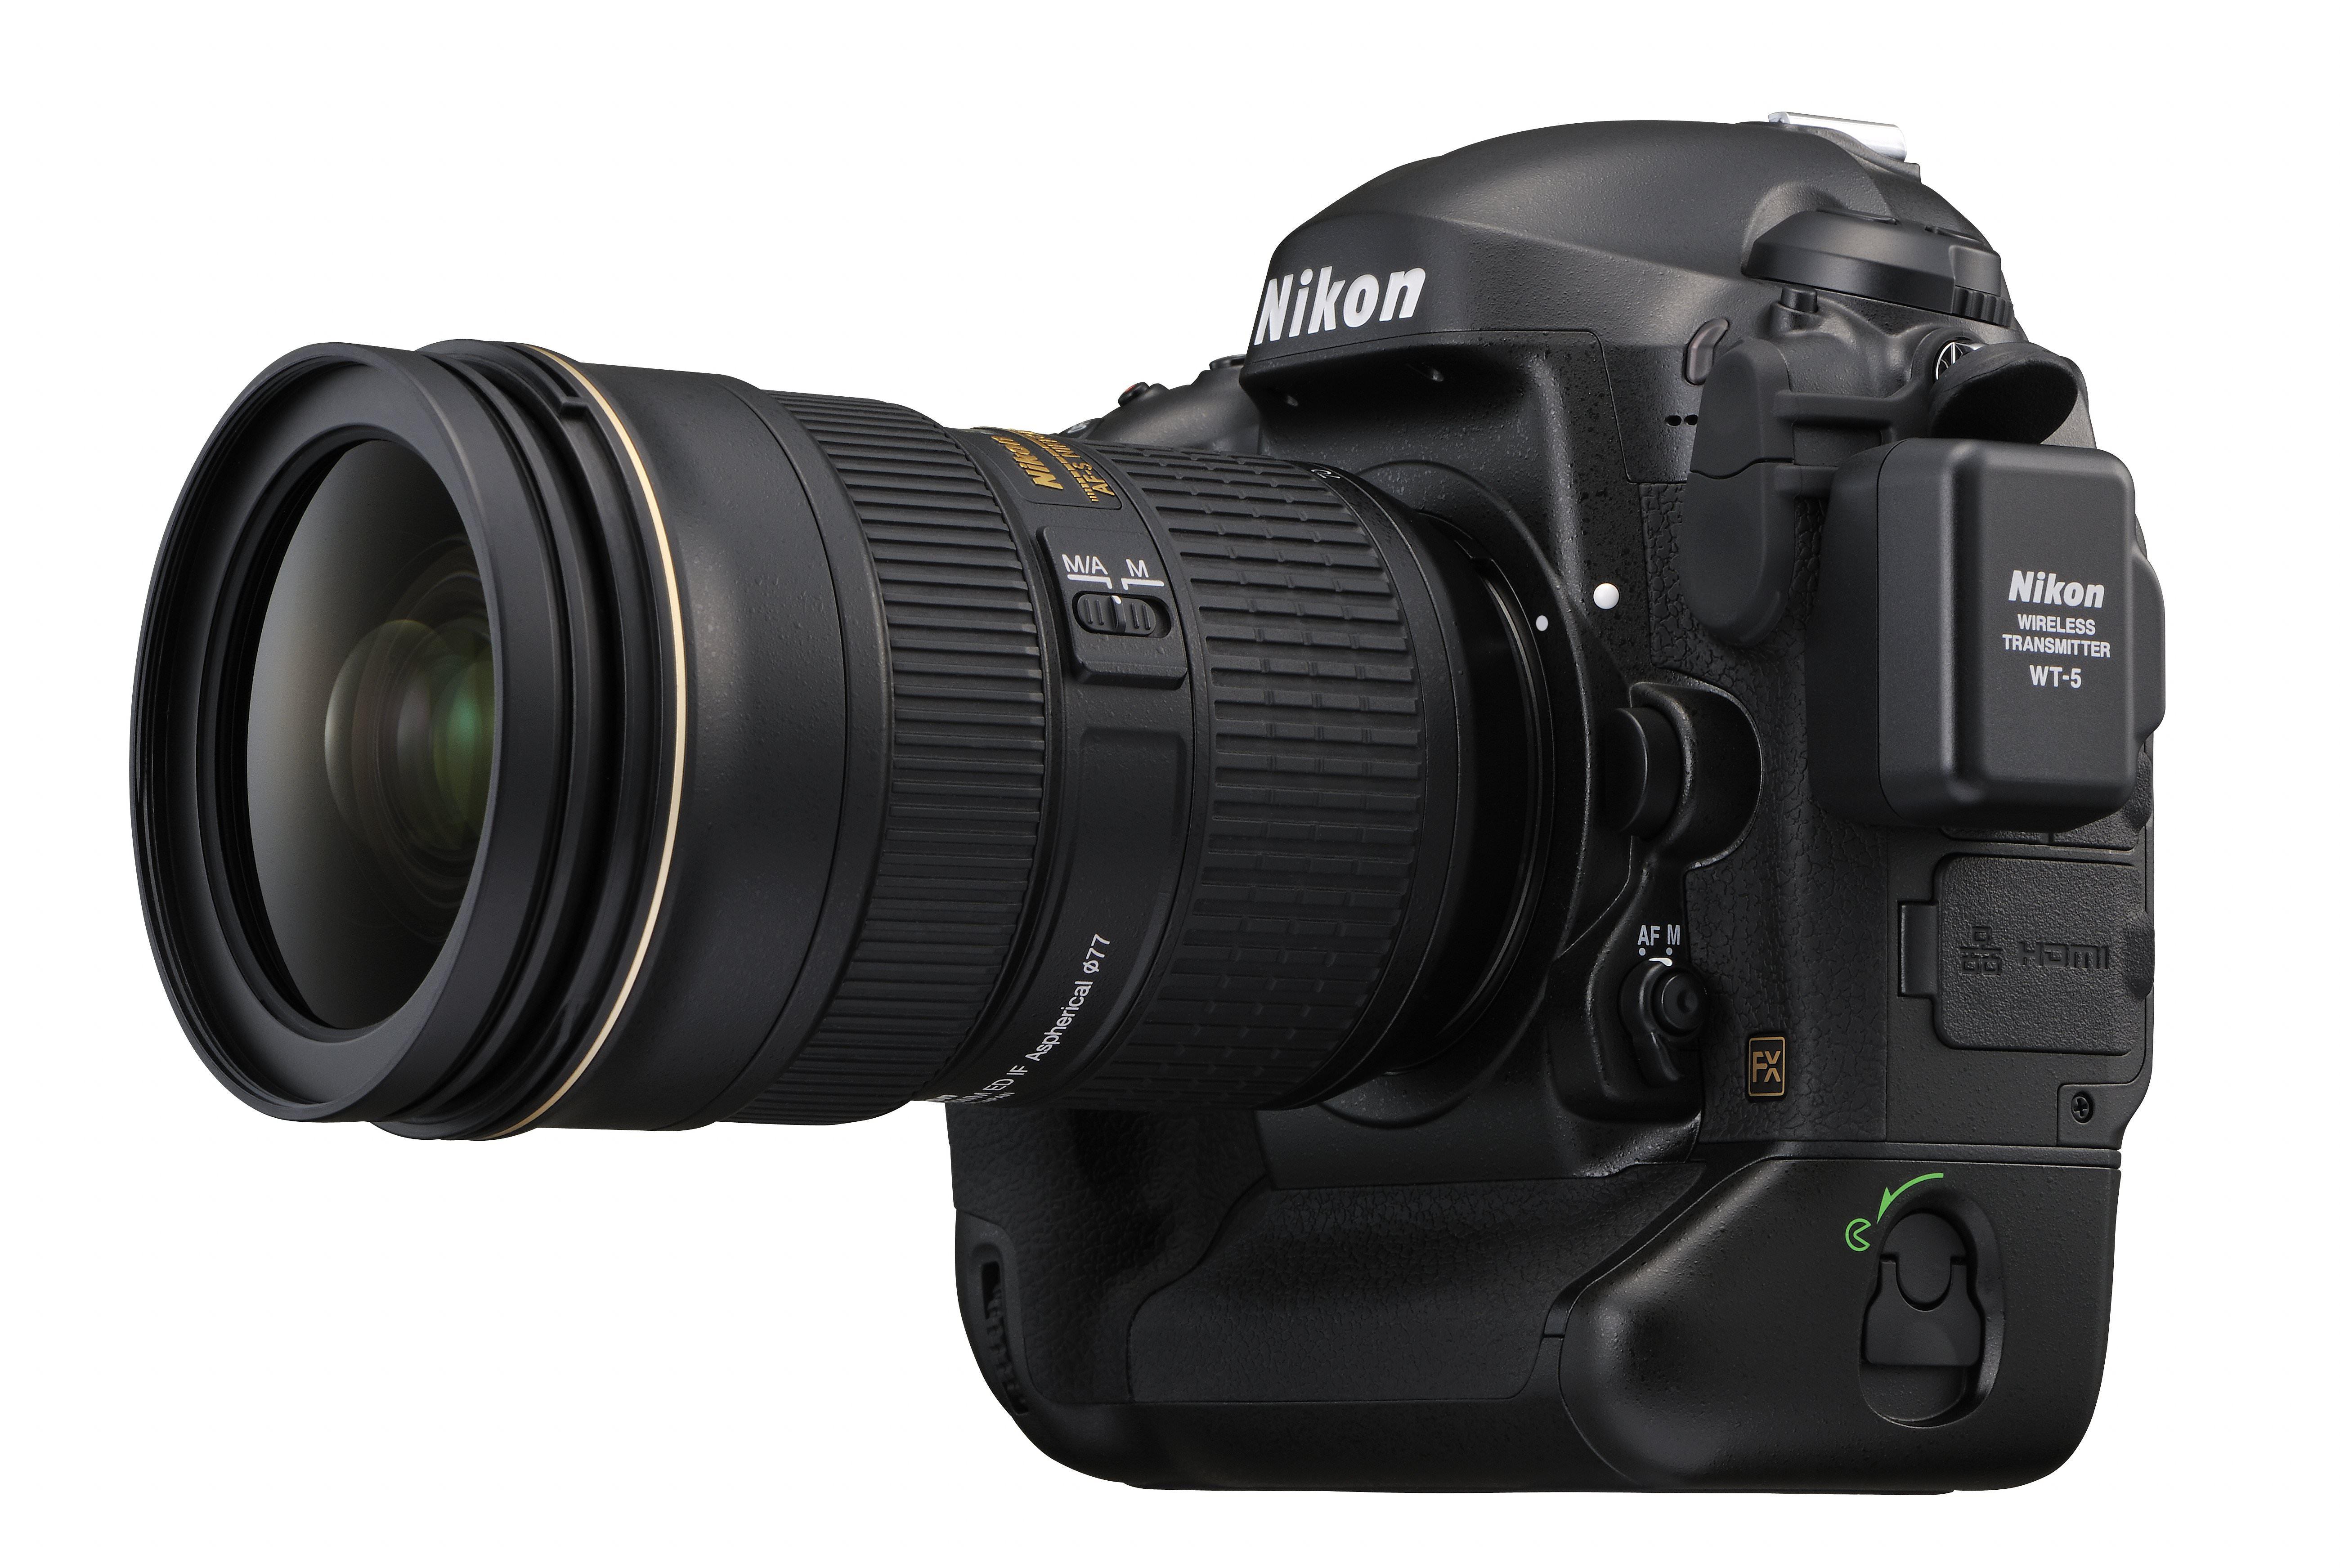 Nikon D4 Full Frame Digital Slr Announced